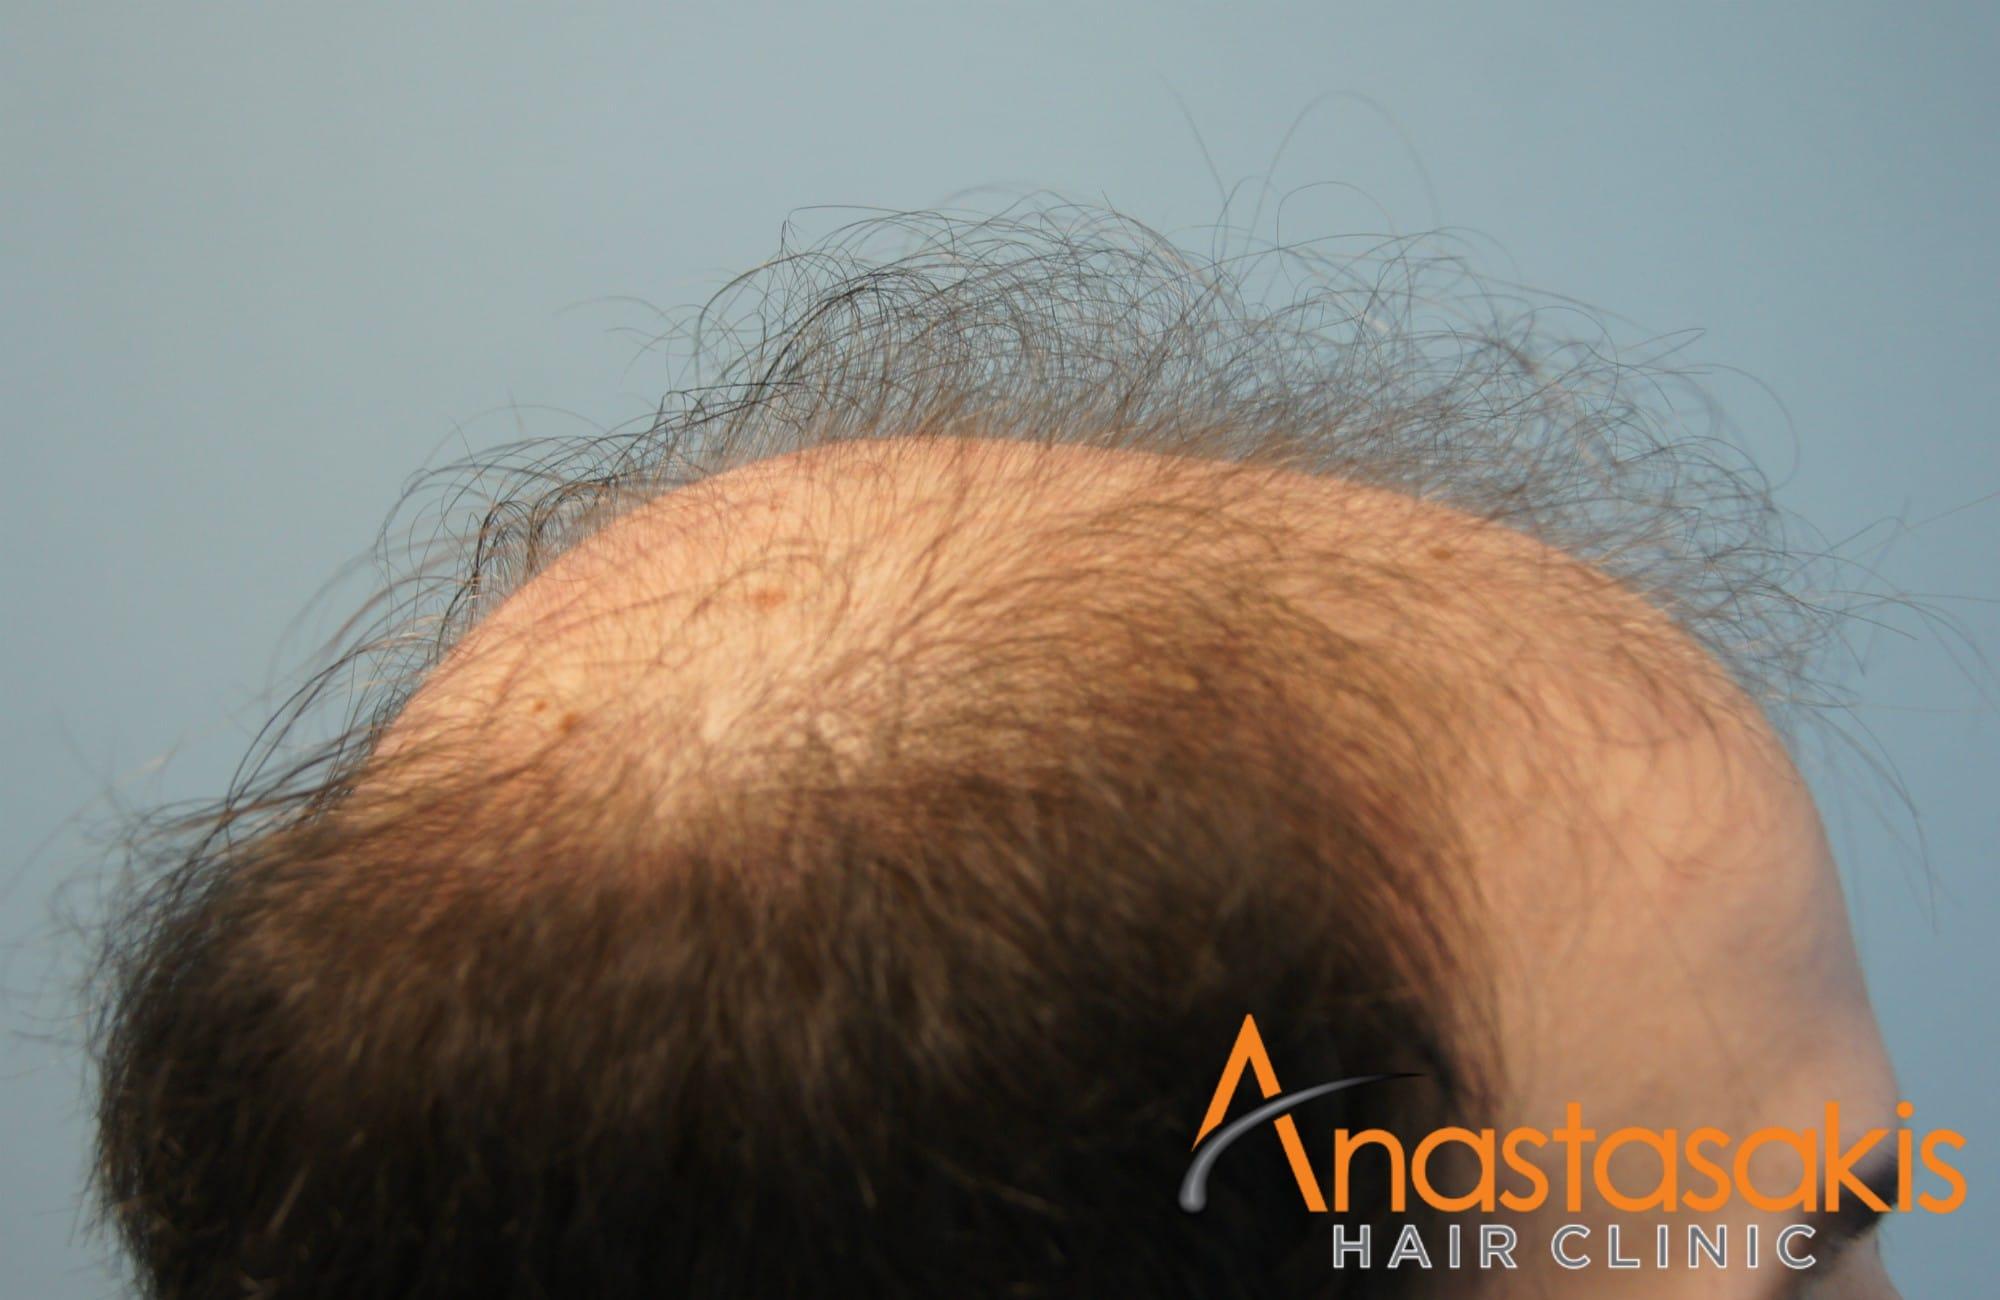 αριστερο προφιλ ασθενους πριν τη μεταμοσχευση μαλλιων με 3500 fus